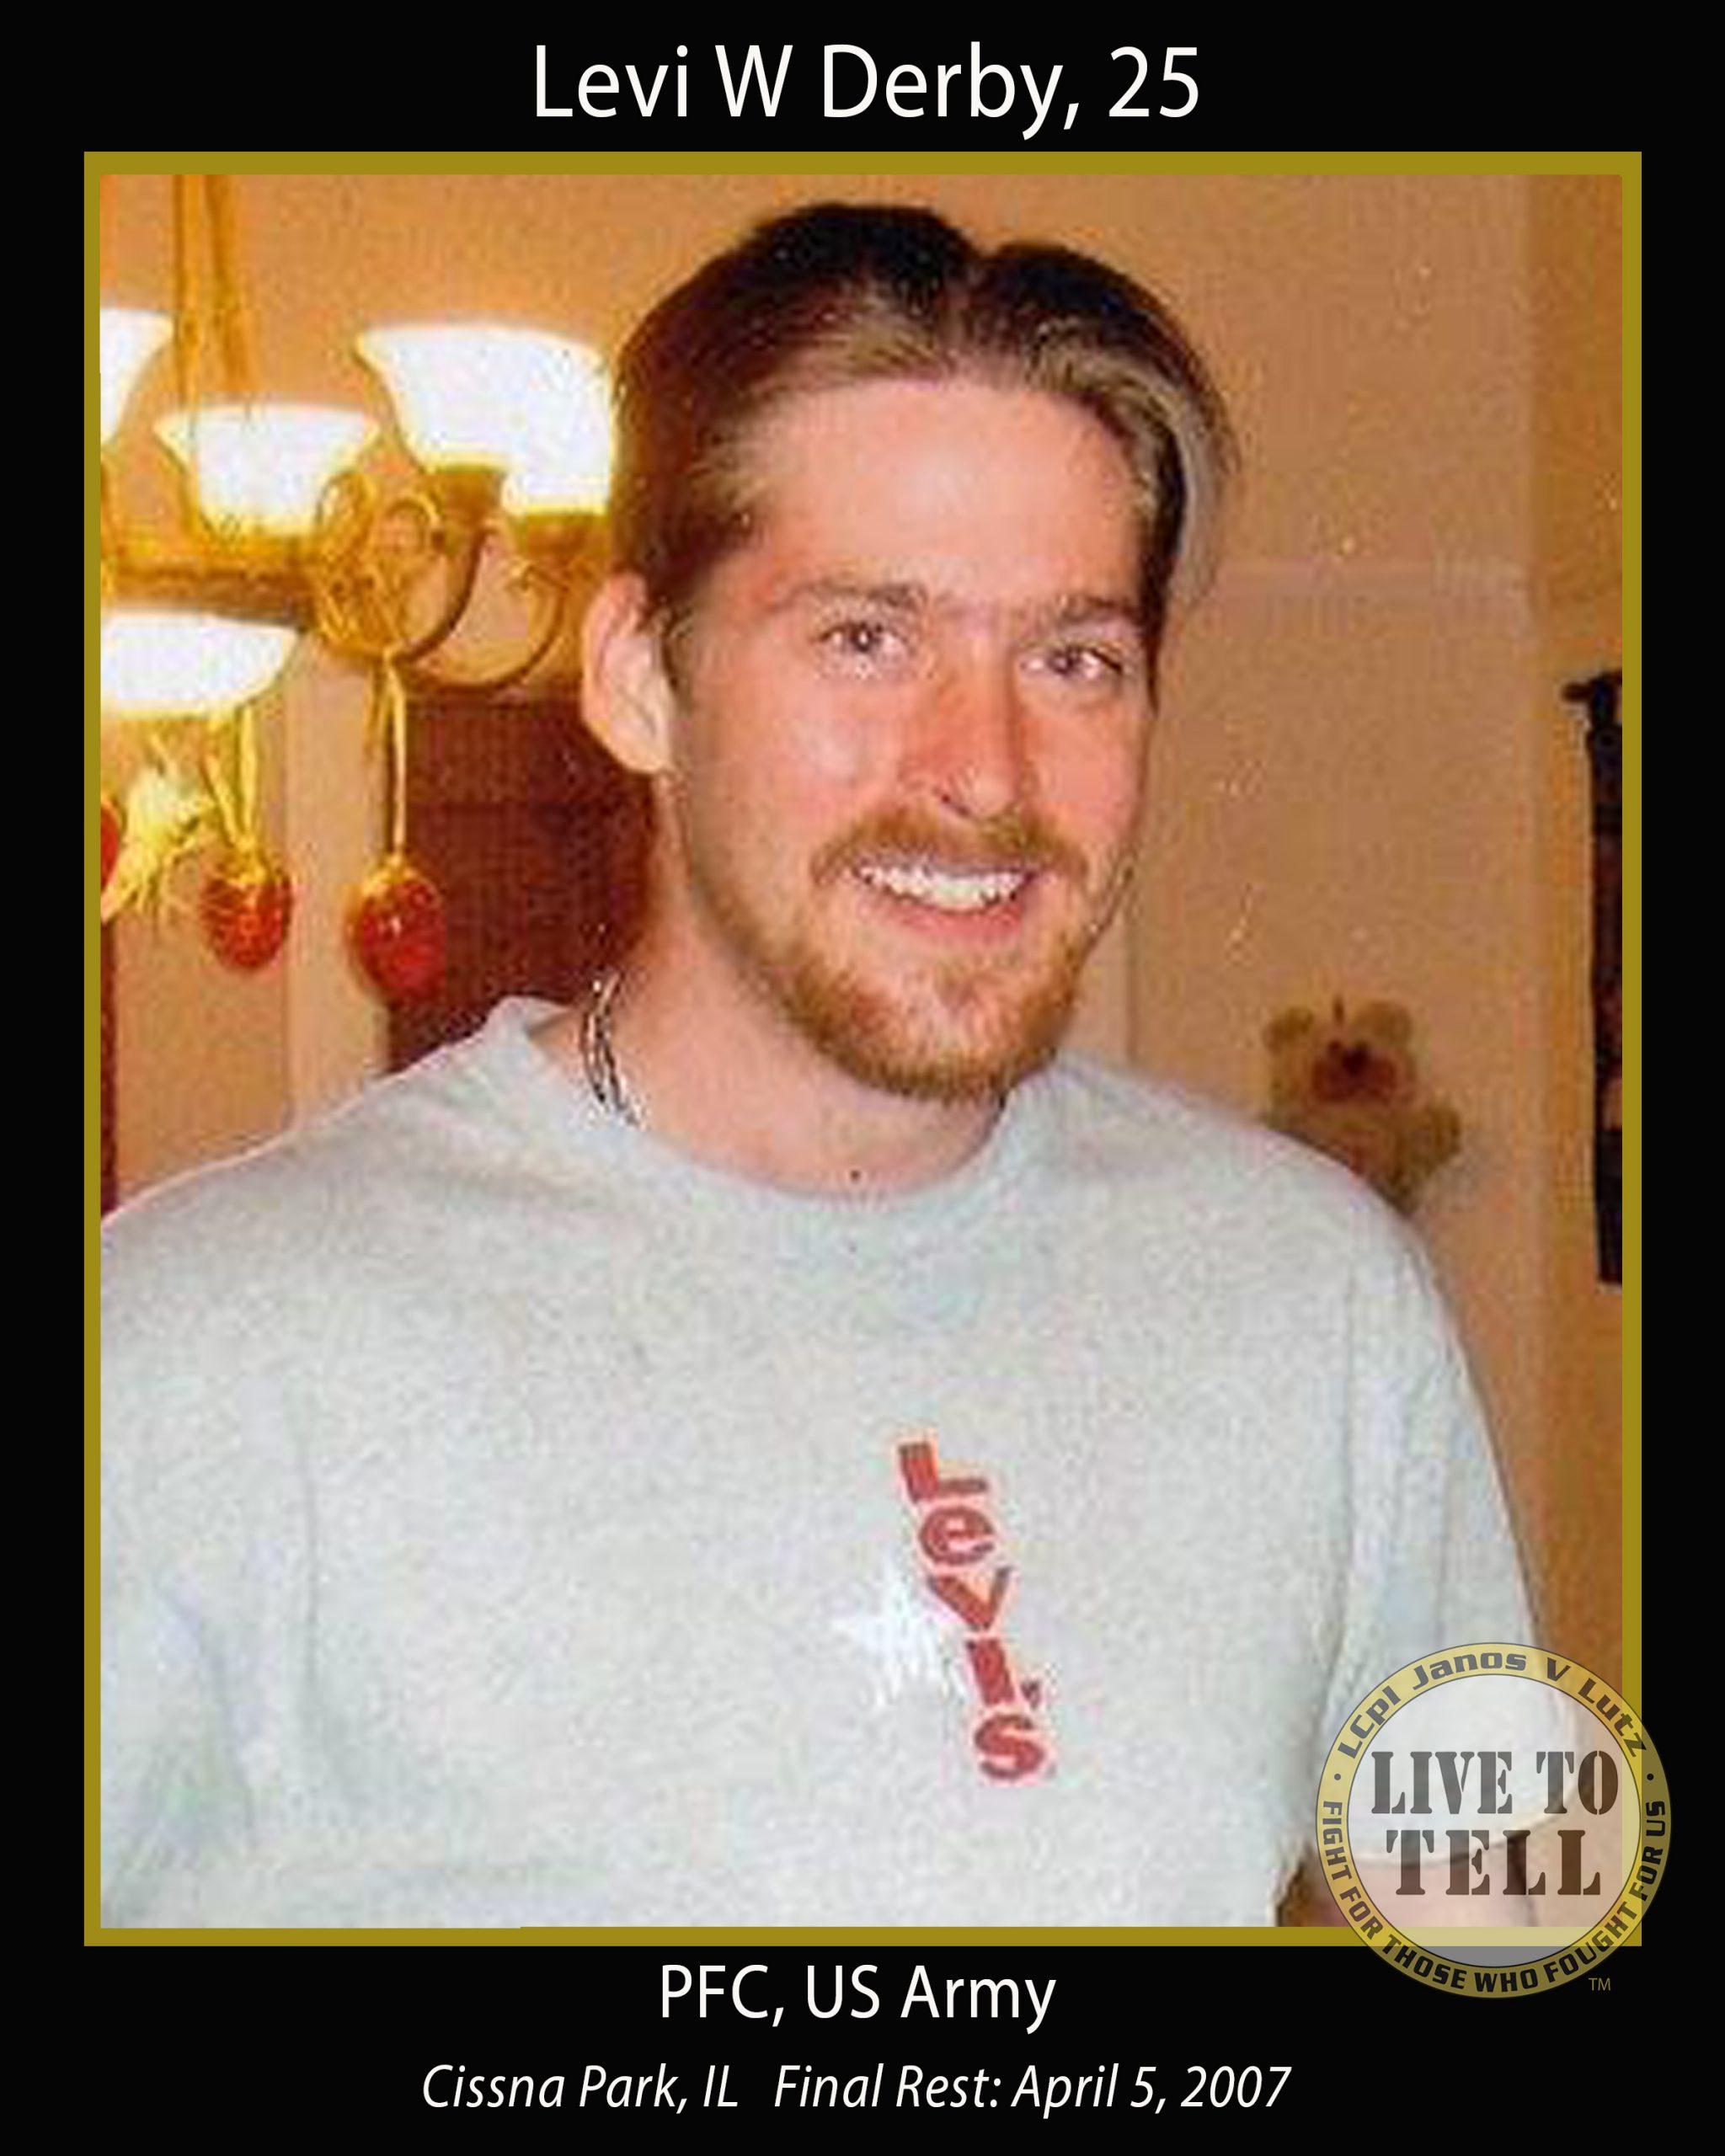 Levi W Derby, 25